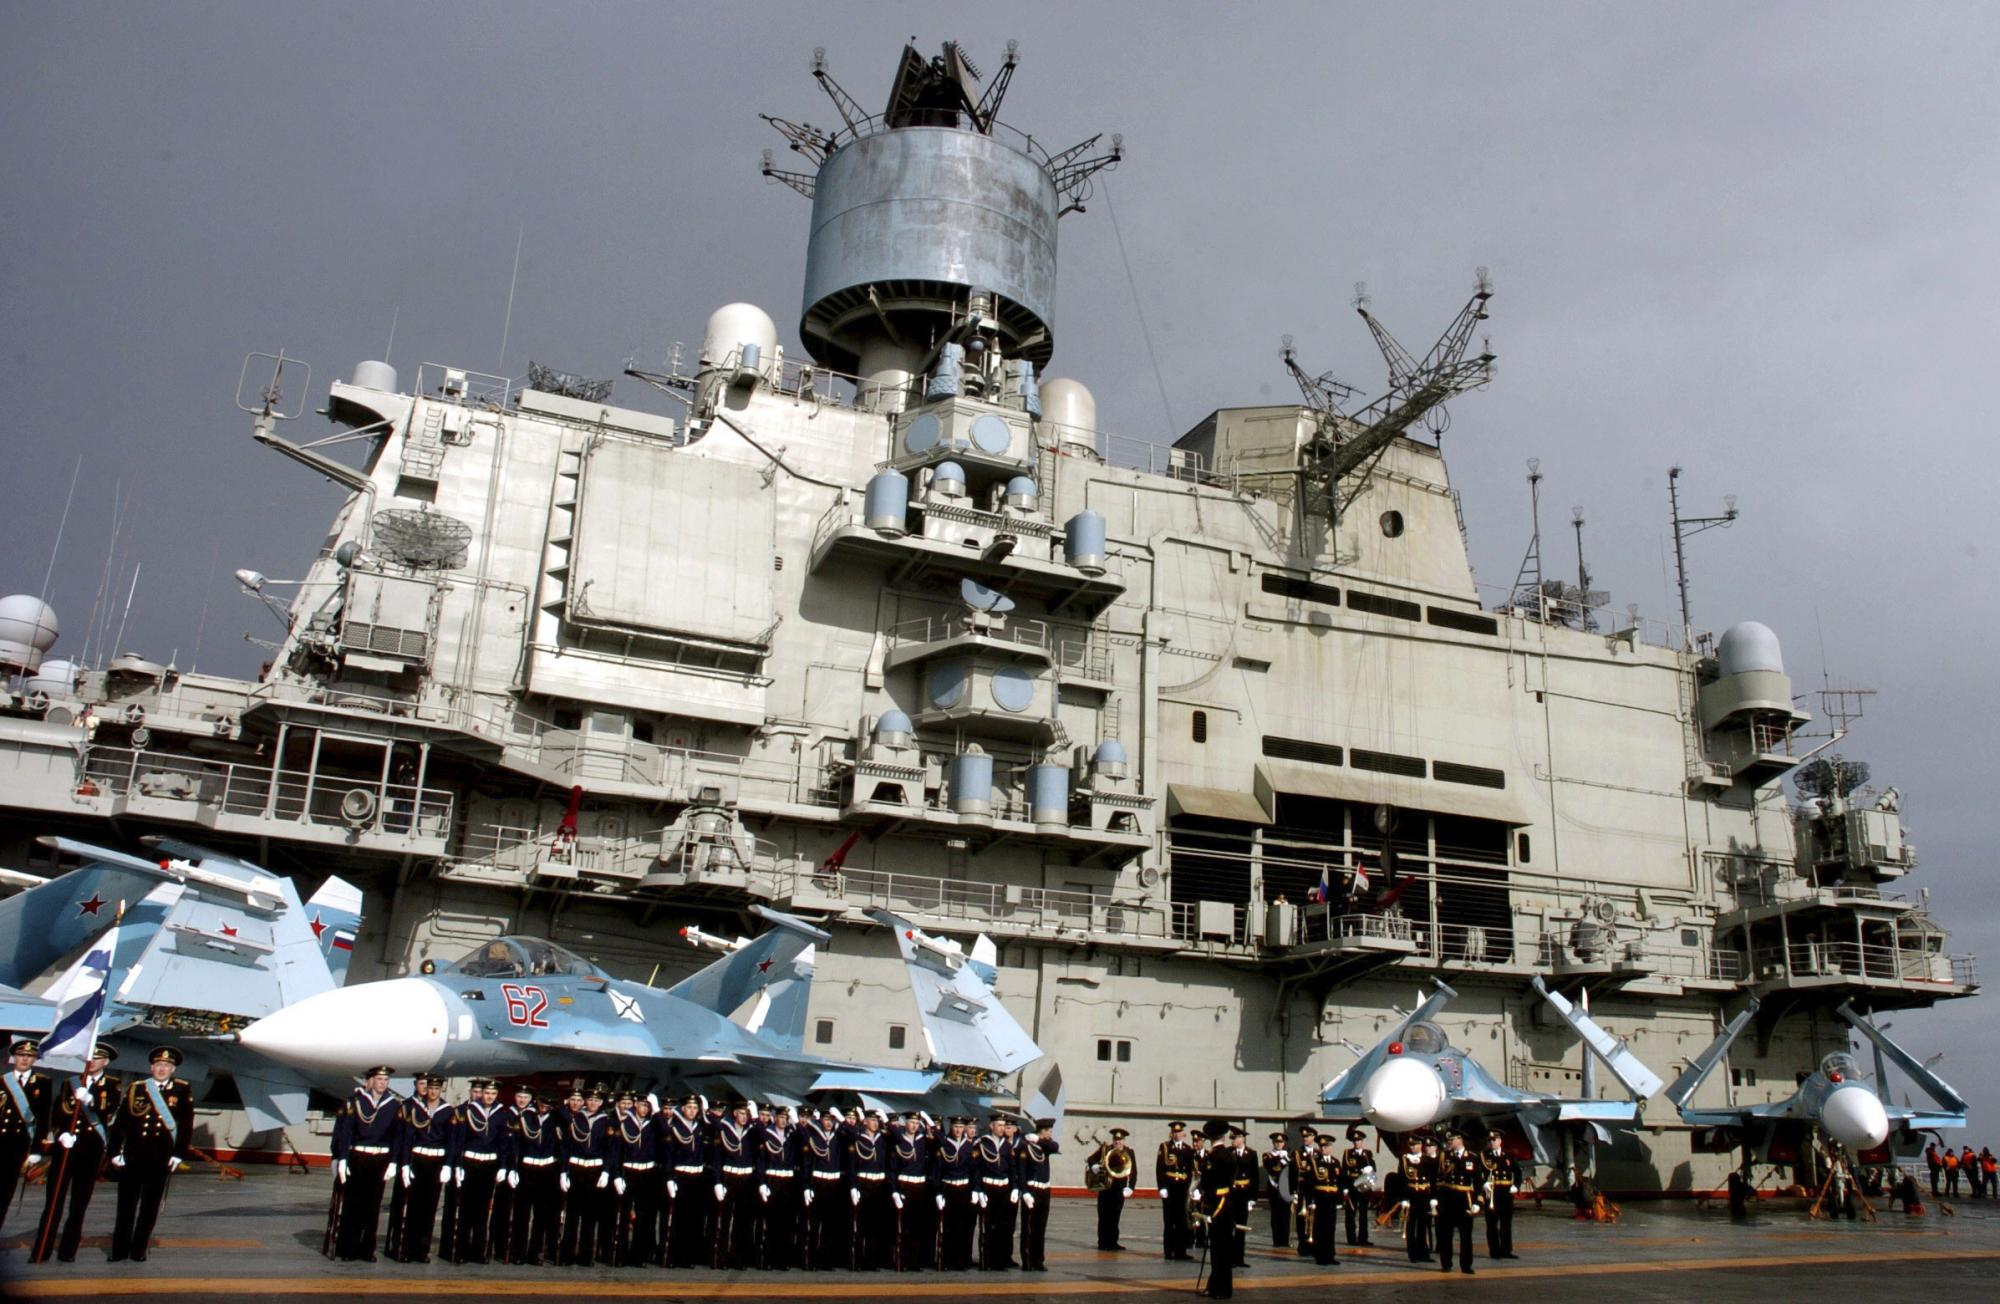 俄罗斯航母编队驶入叙利亚 阿盟拟派遣更多观察员